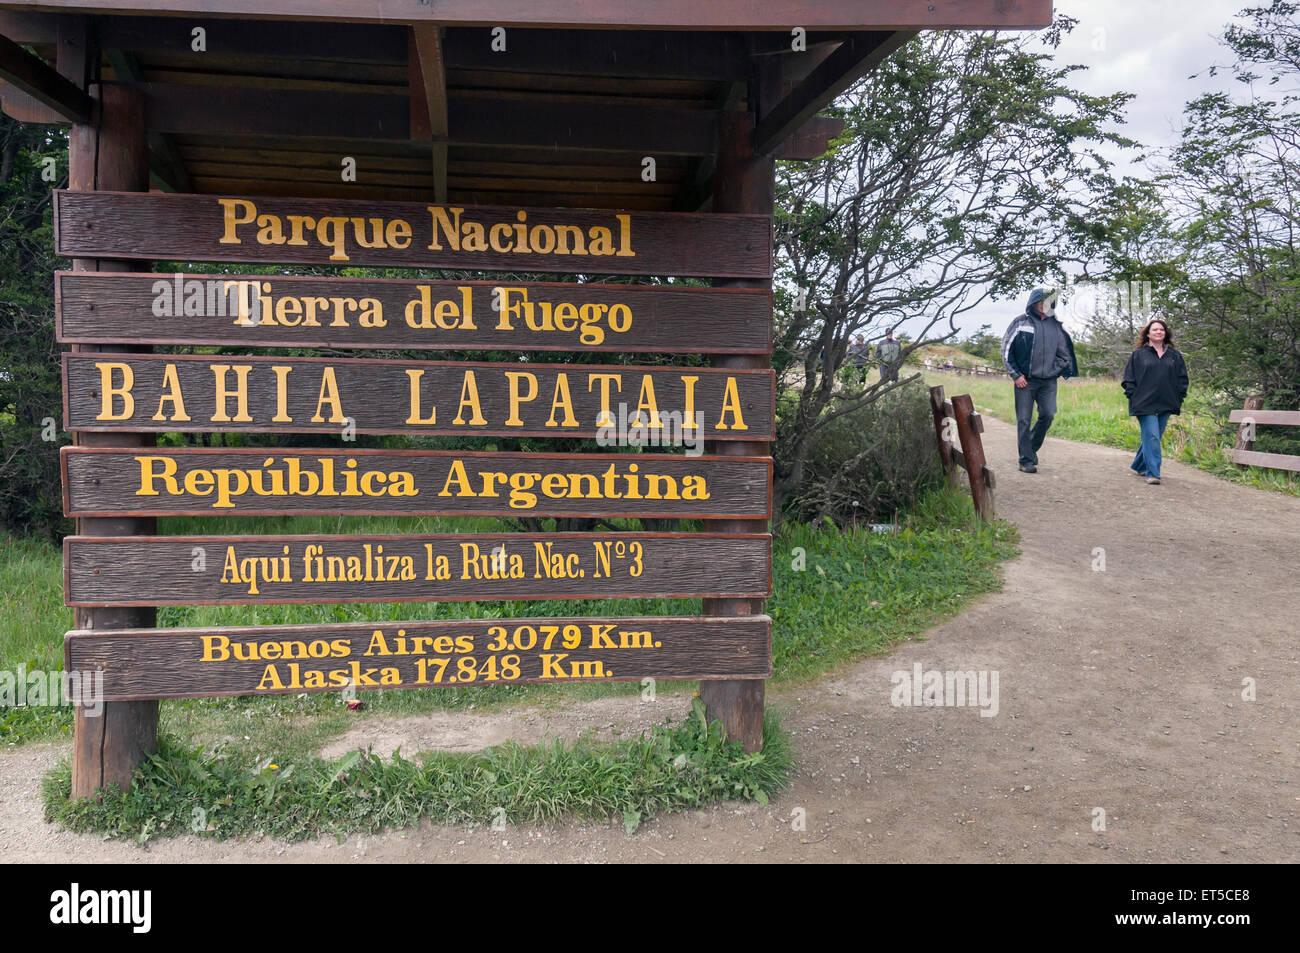 End of the road, Parque Nacional Tierra del Fuego, Argentina - Stock Image